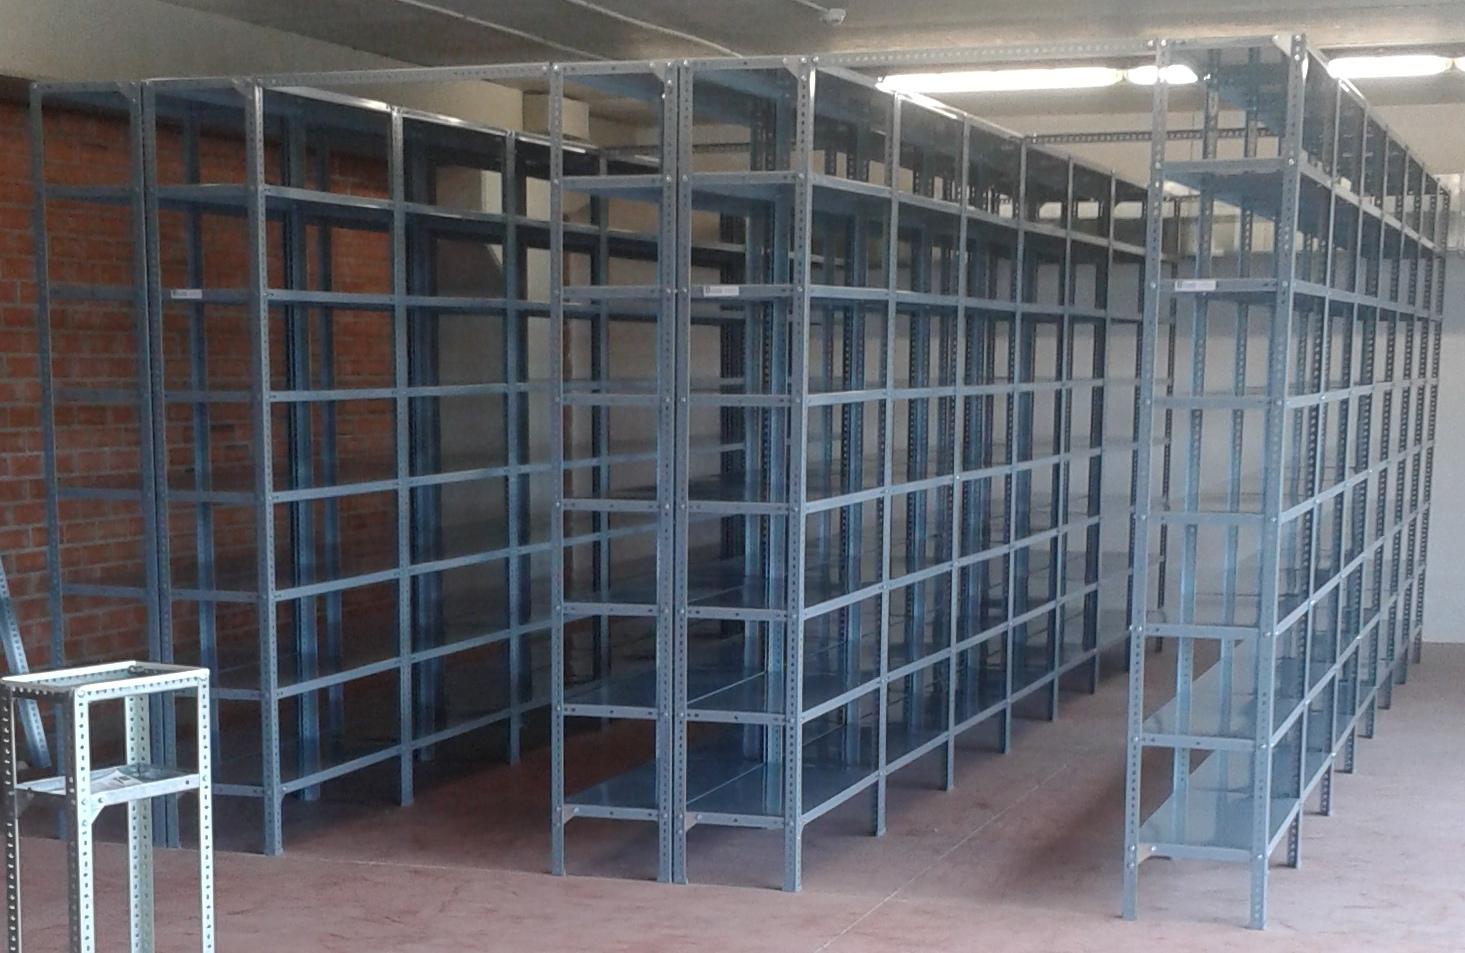 Estanterias metalicas para almacen estanterias met licas - Medidas estanterias metalicas ...